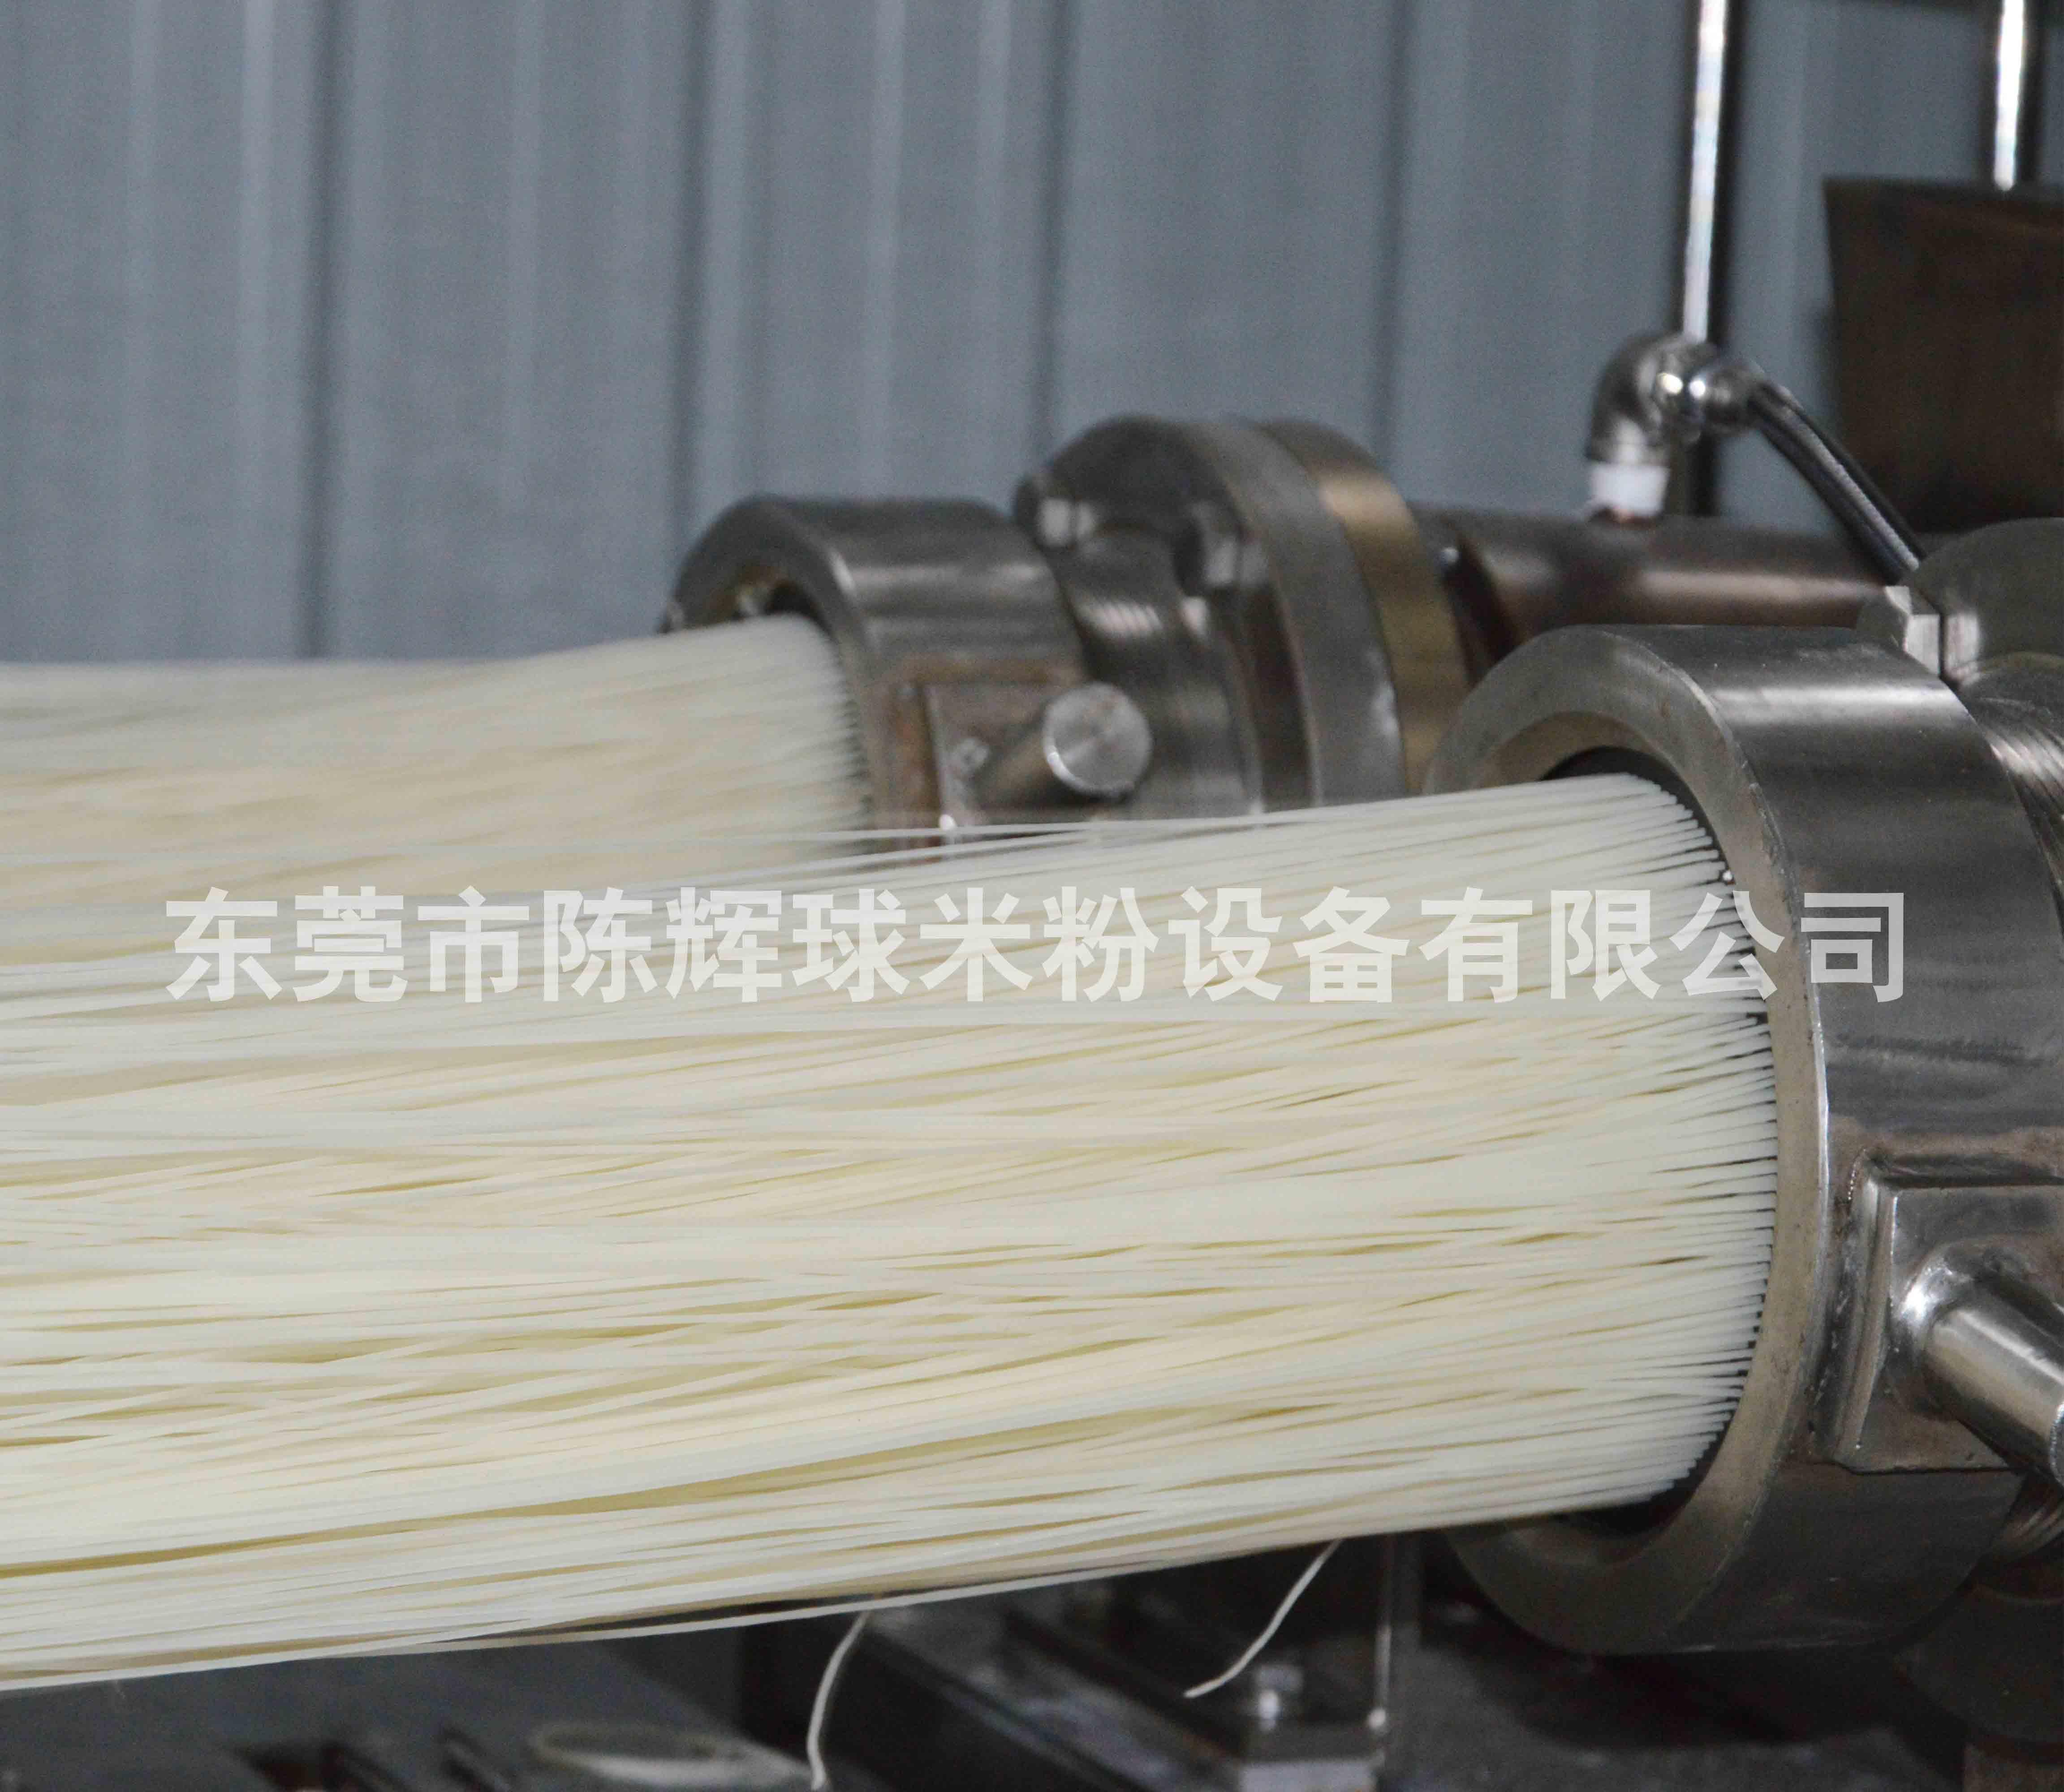 全自动米粉设备——直条米粉生产线如何保养?